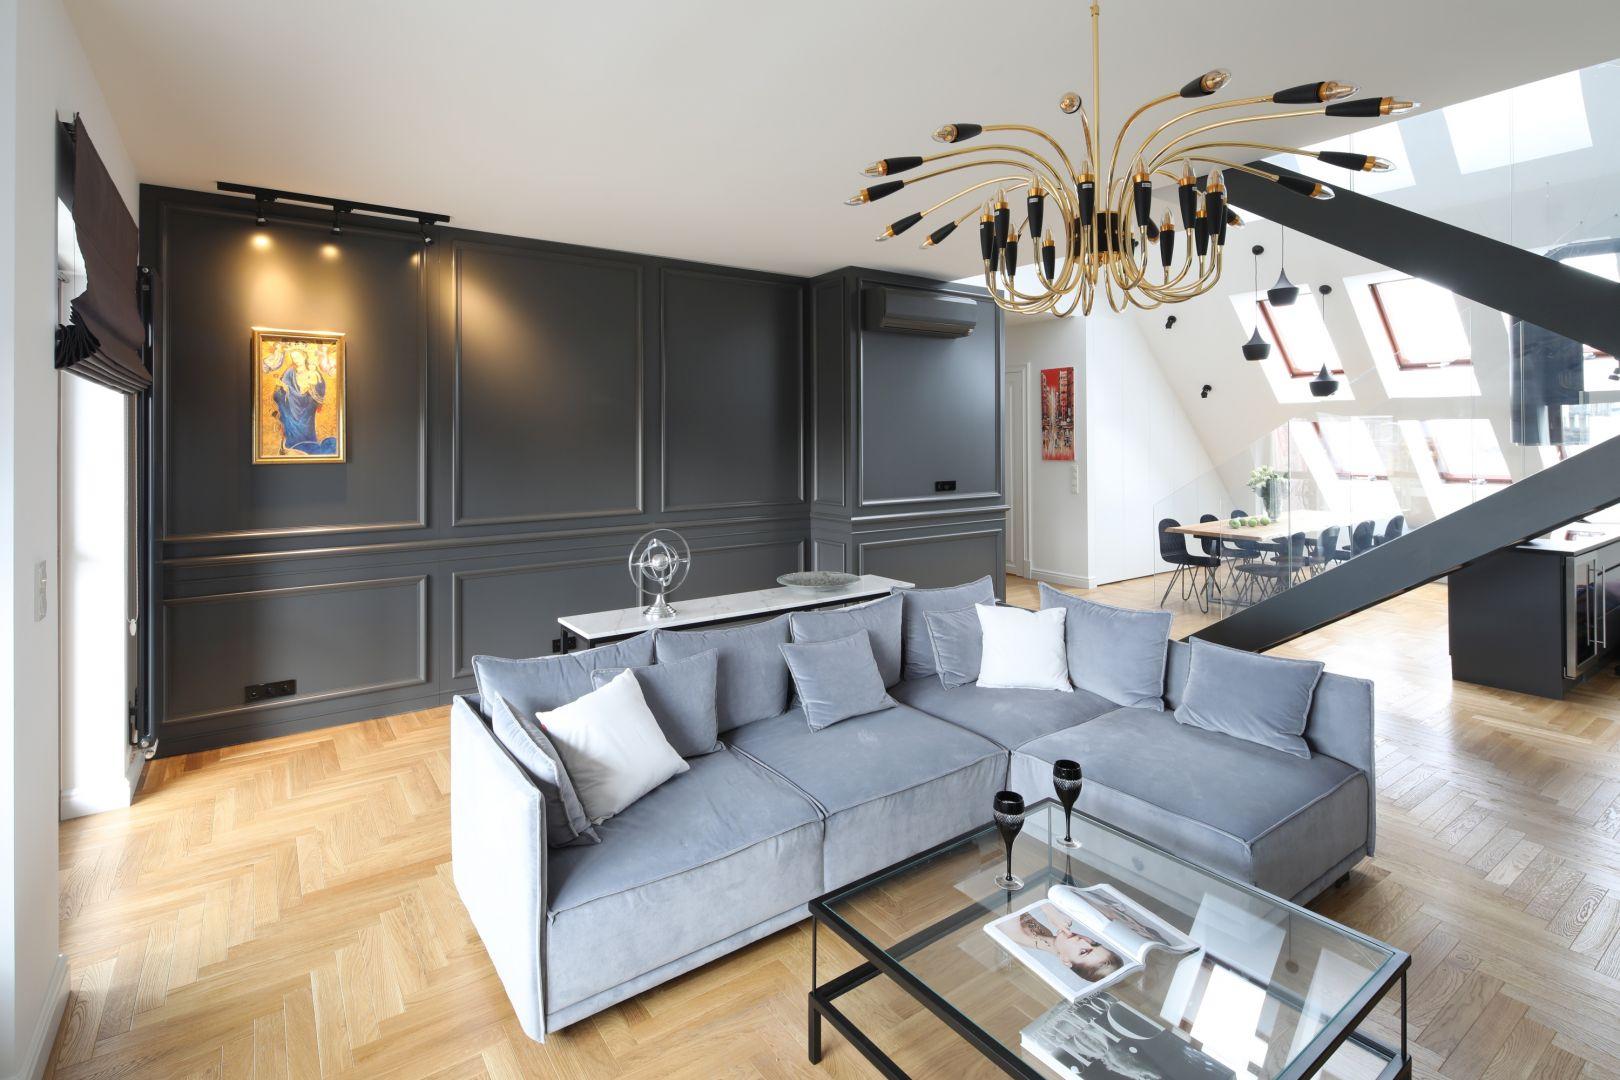 Salon to wizytówka i jednocześnie serce naszego domu, dlatego warto dołożyć starań, aby jego klimat odpowiadał pełnionym funkcjom. Projekt Katarzyna Mikulska